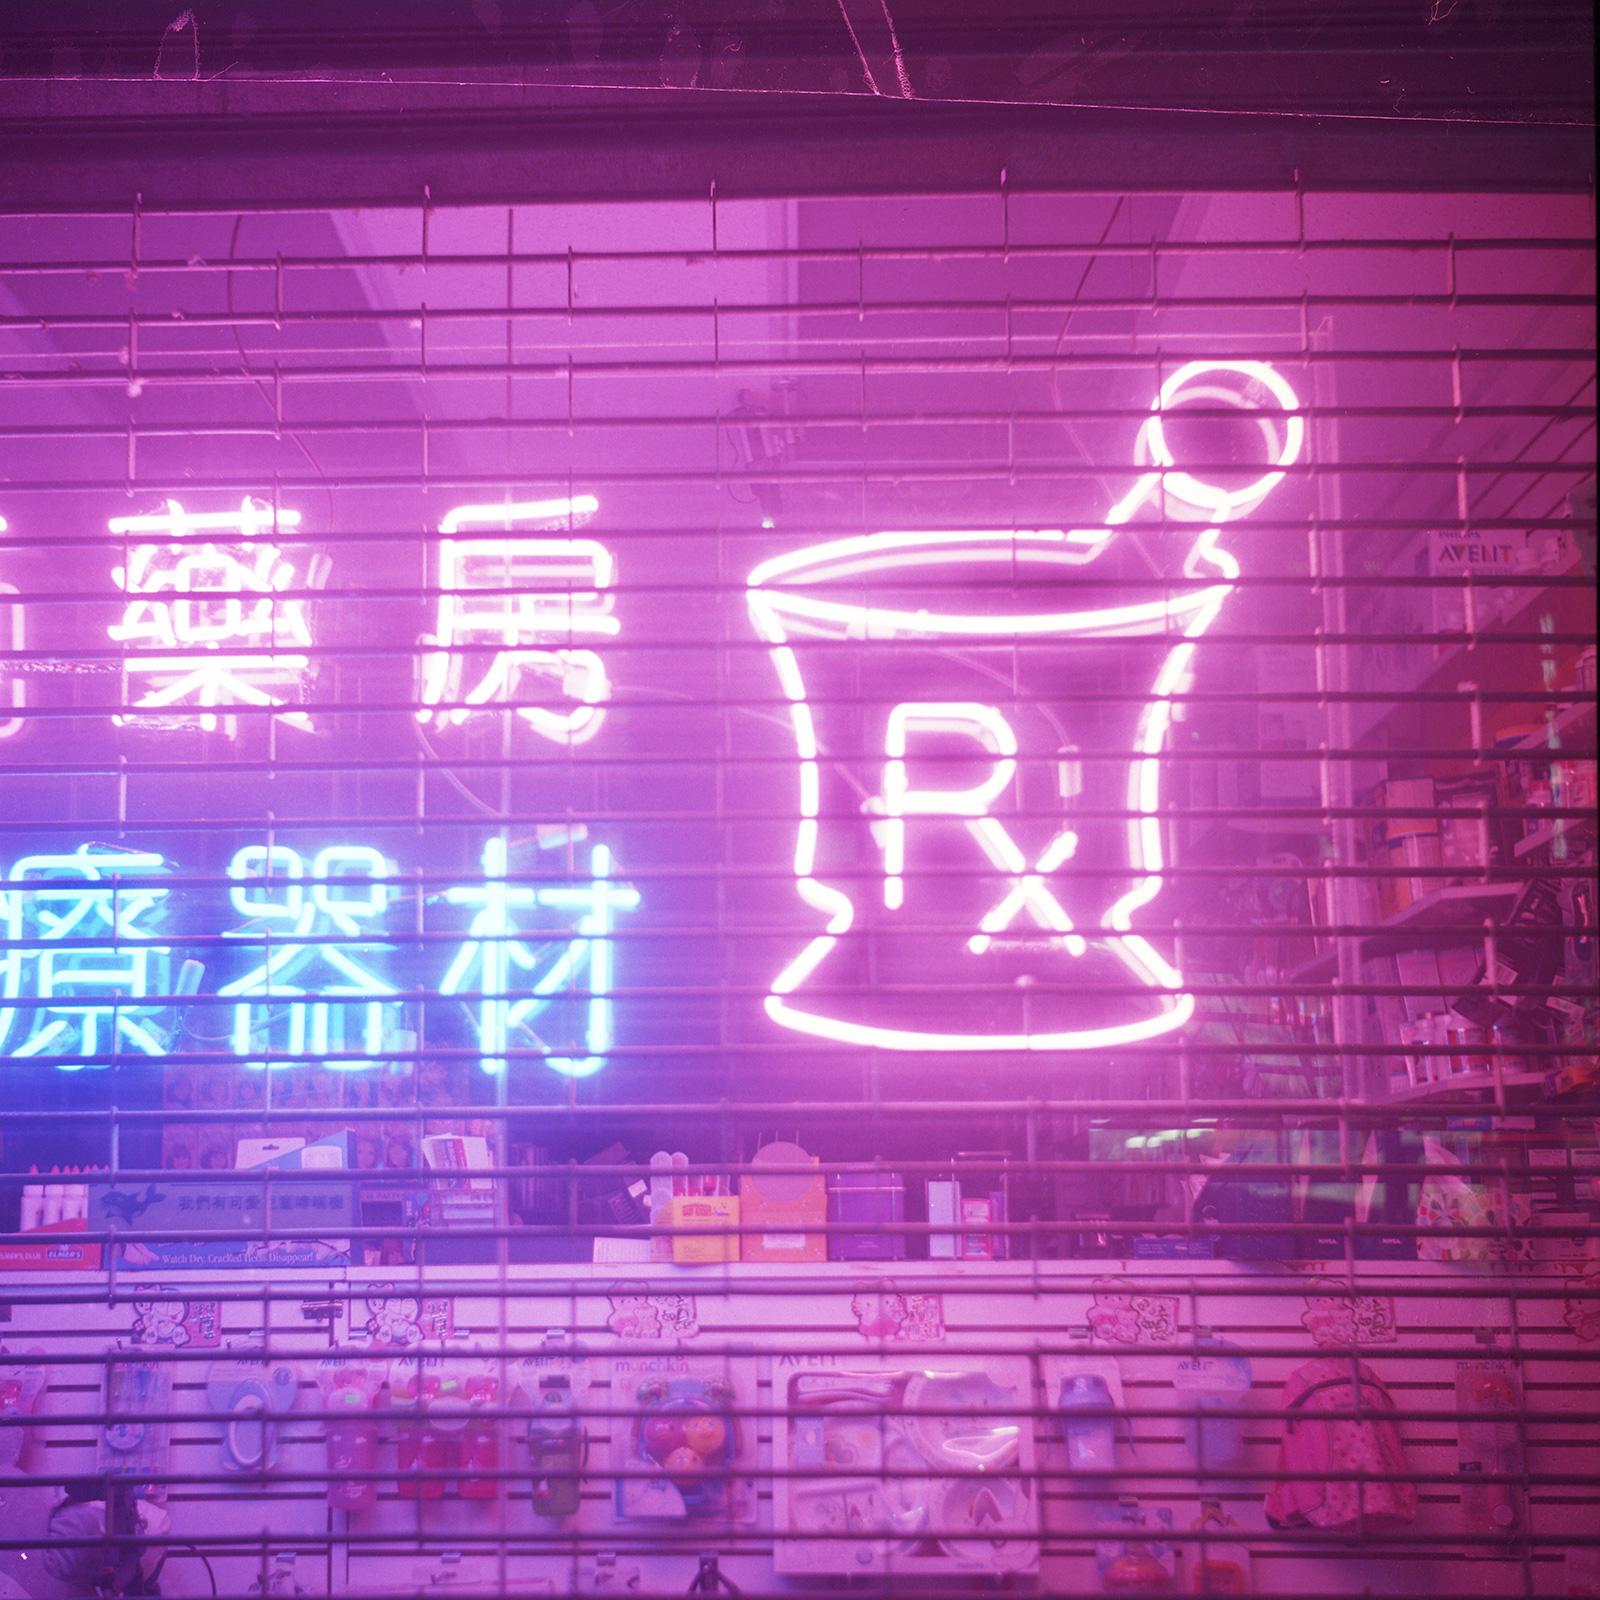 Drugstore Neon, BK Chinatown